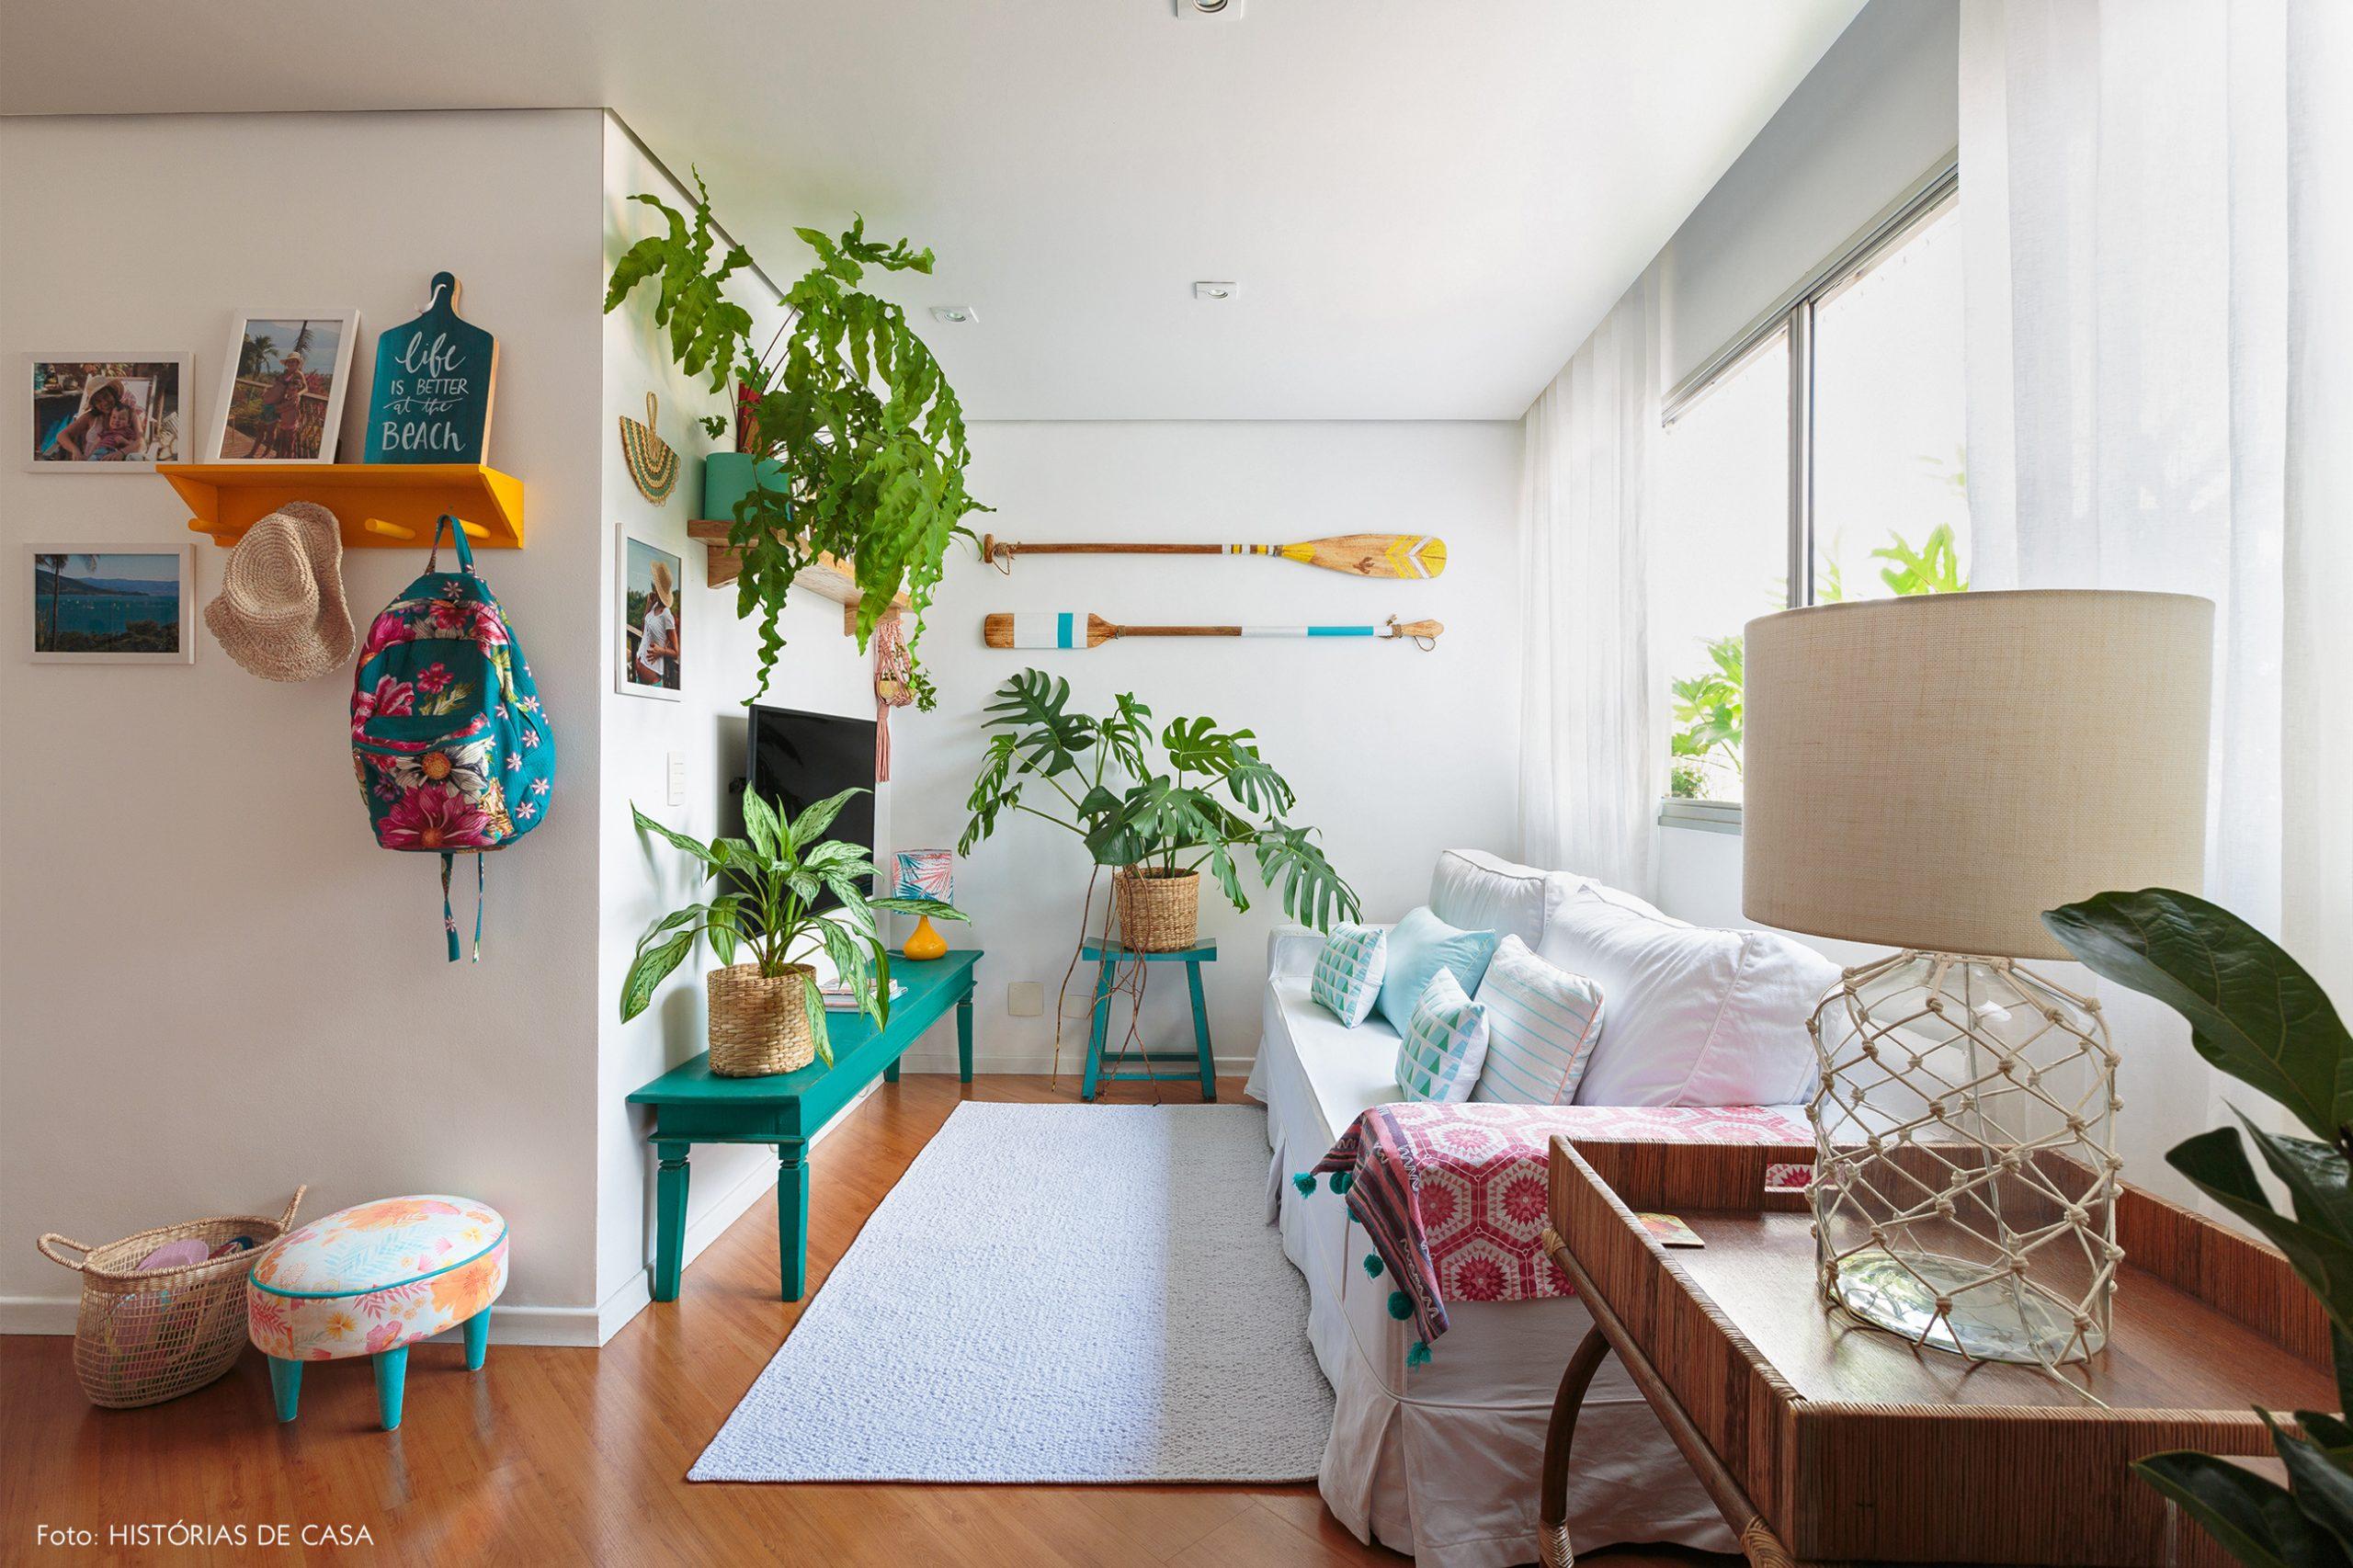 decoração praiana sala com muitas plantas, cestos e bancos azuis de madeira